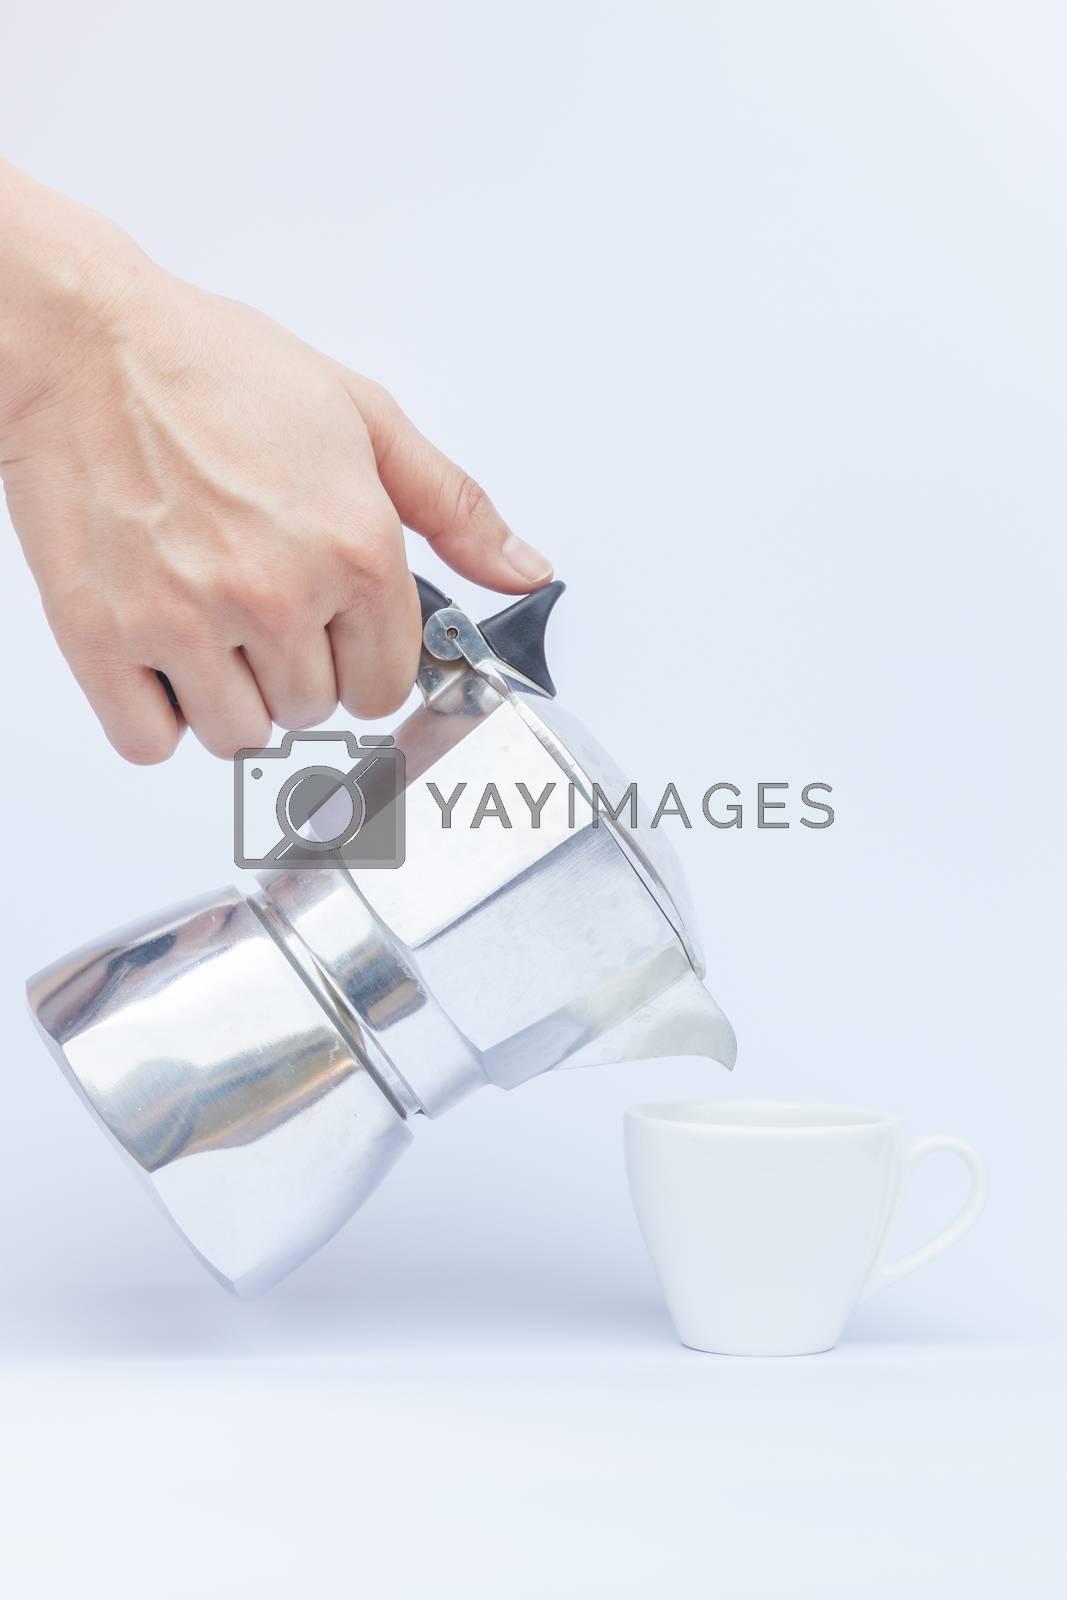 Moka pot isolated on white background, stock photo